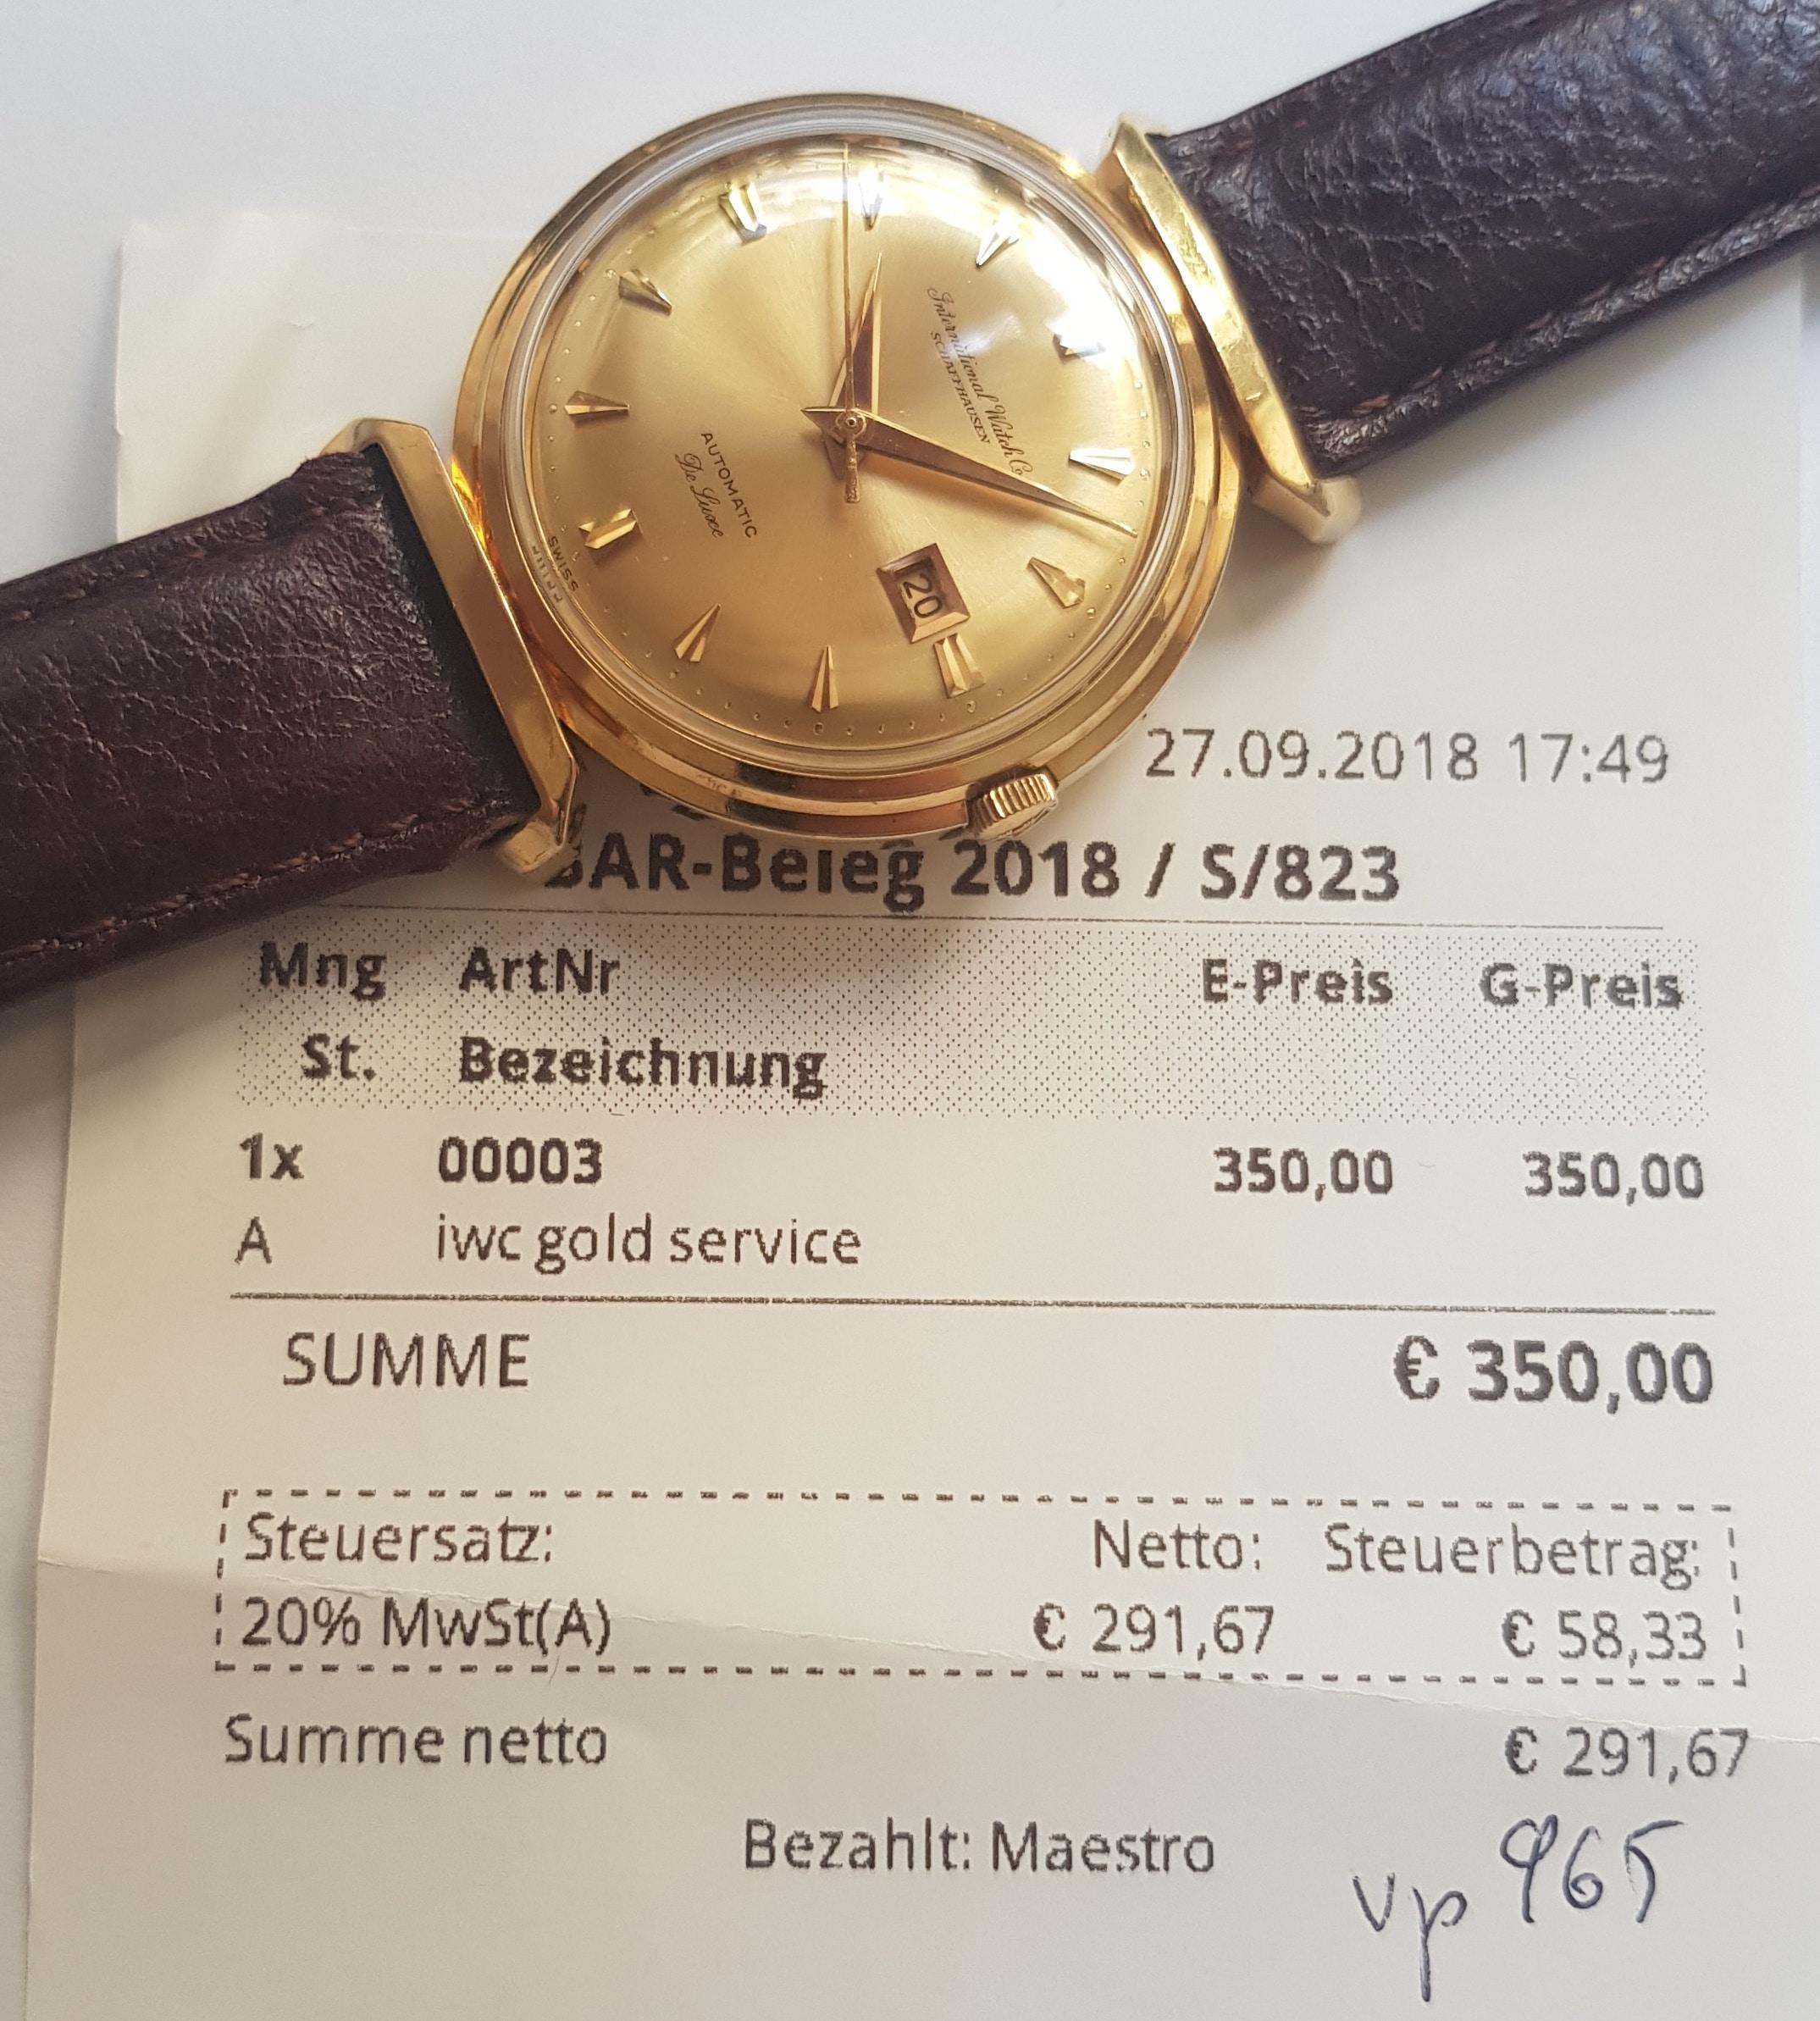 schaffhausen uhren gold